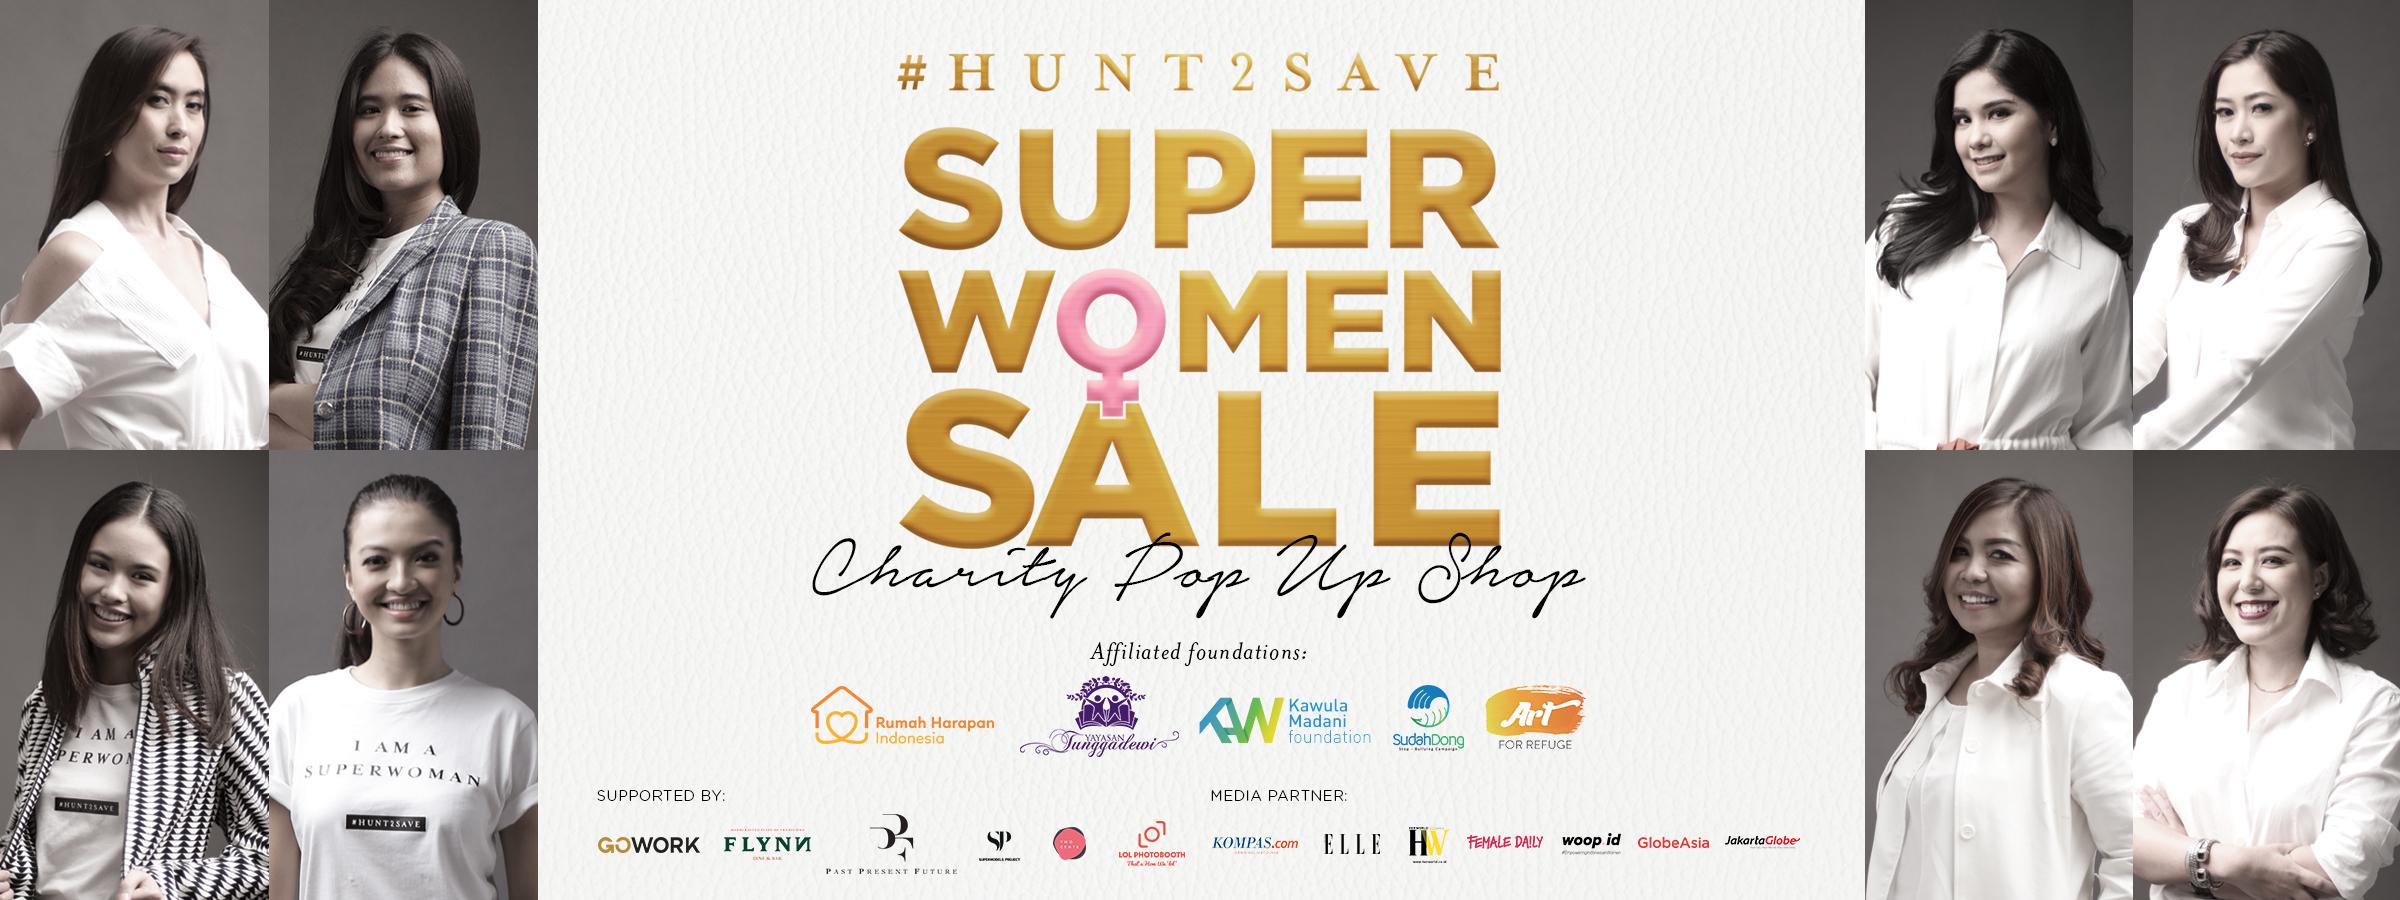 #HUNT2SAVE